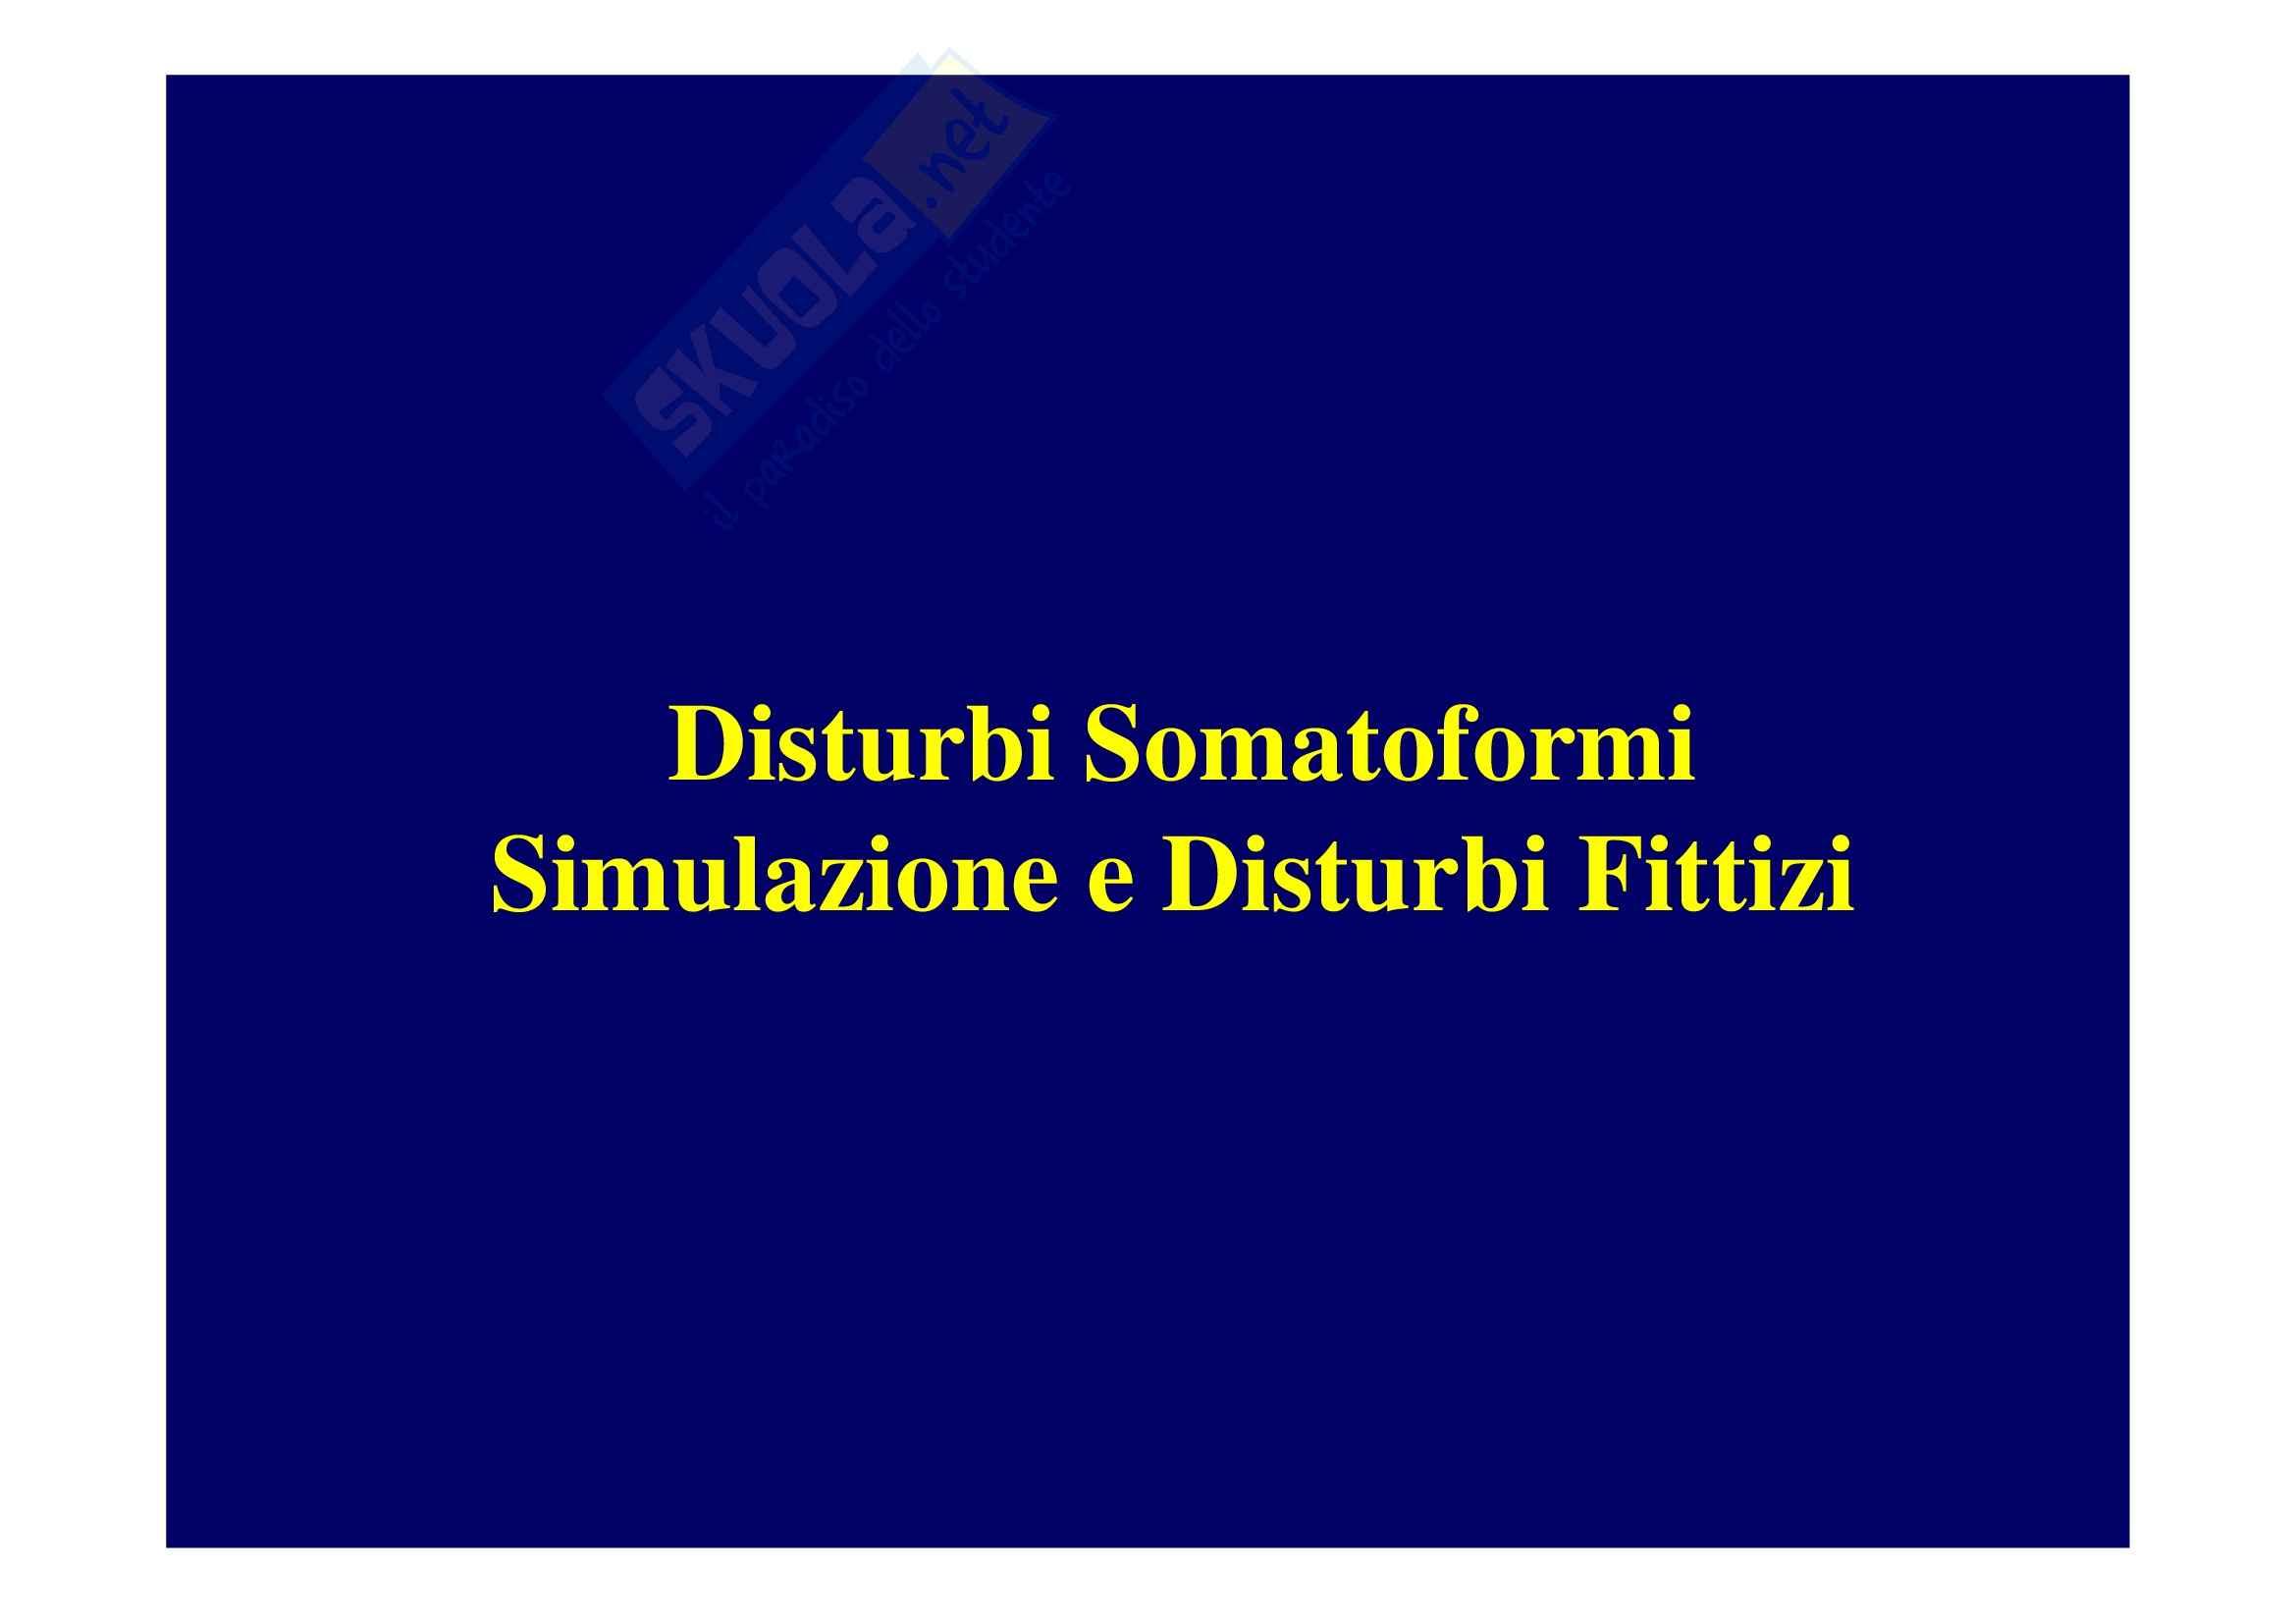 Scienze psichiatriche - Disturbi Somatoformi